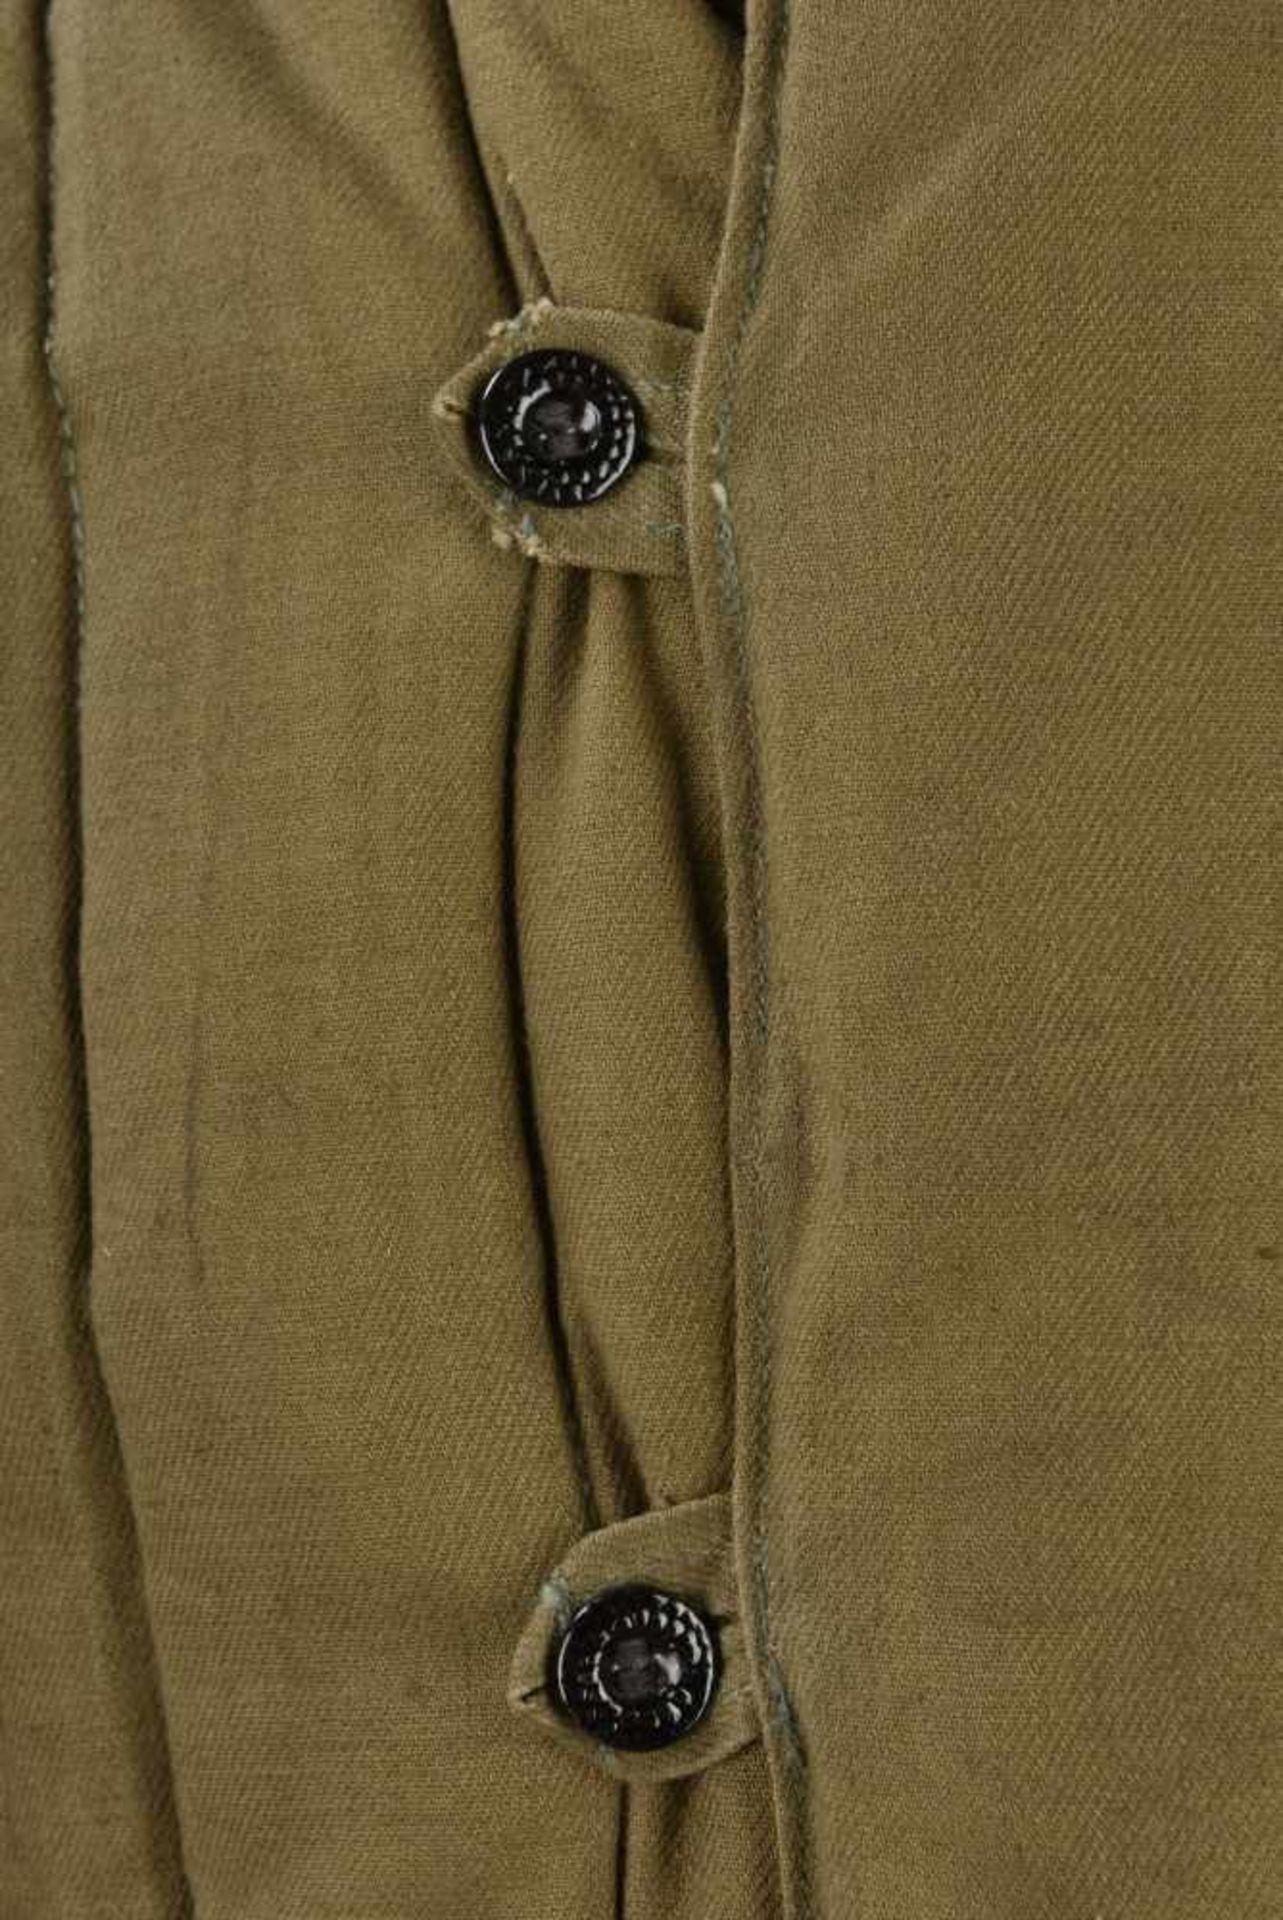 Veste Telogreyka NEUVE. Complète avec tous ses boutons. Rare dans cet état. Telogreyka jacket, - Bild 3 aus 4